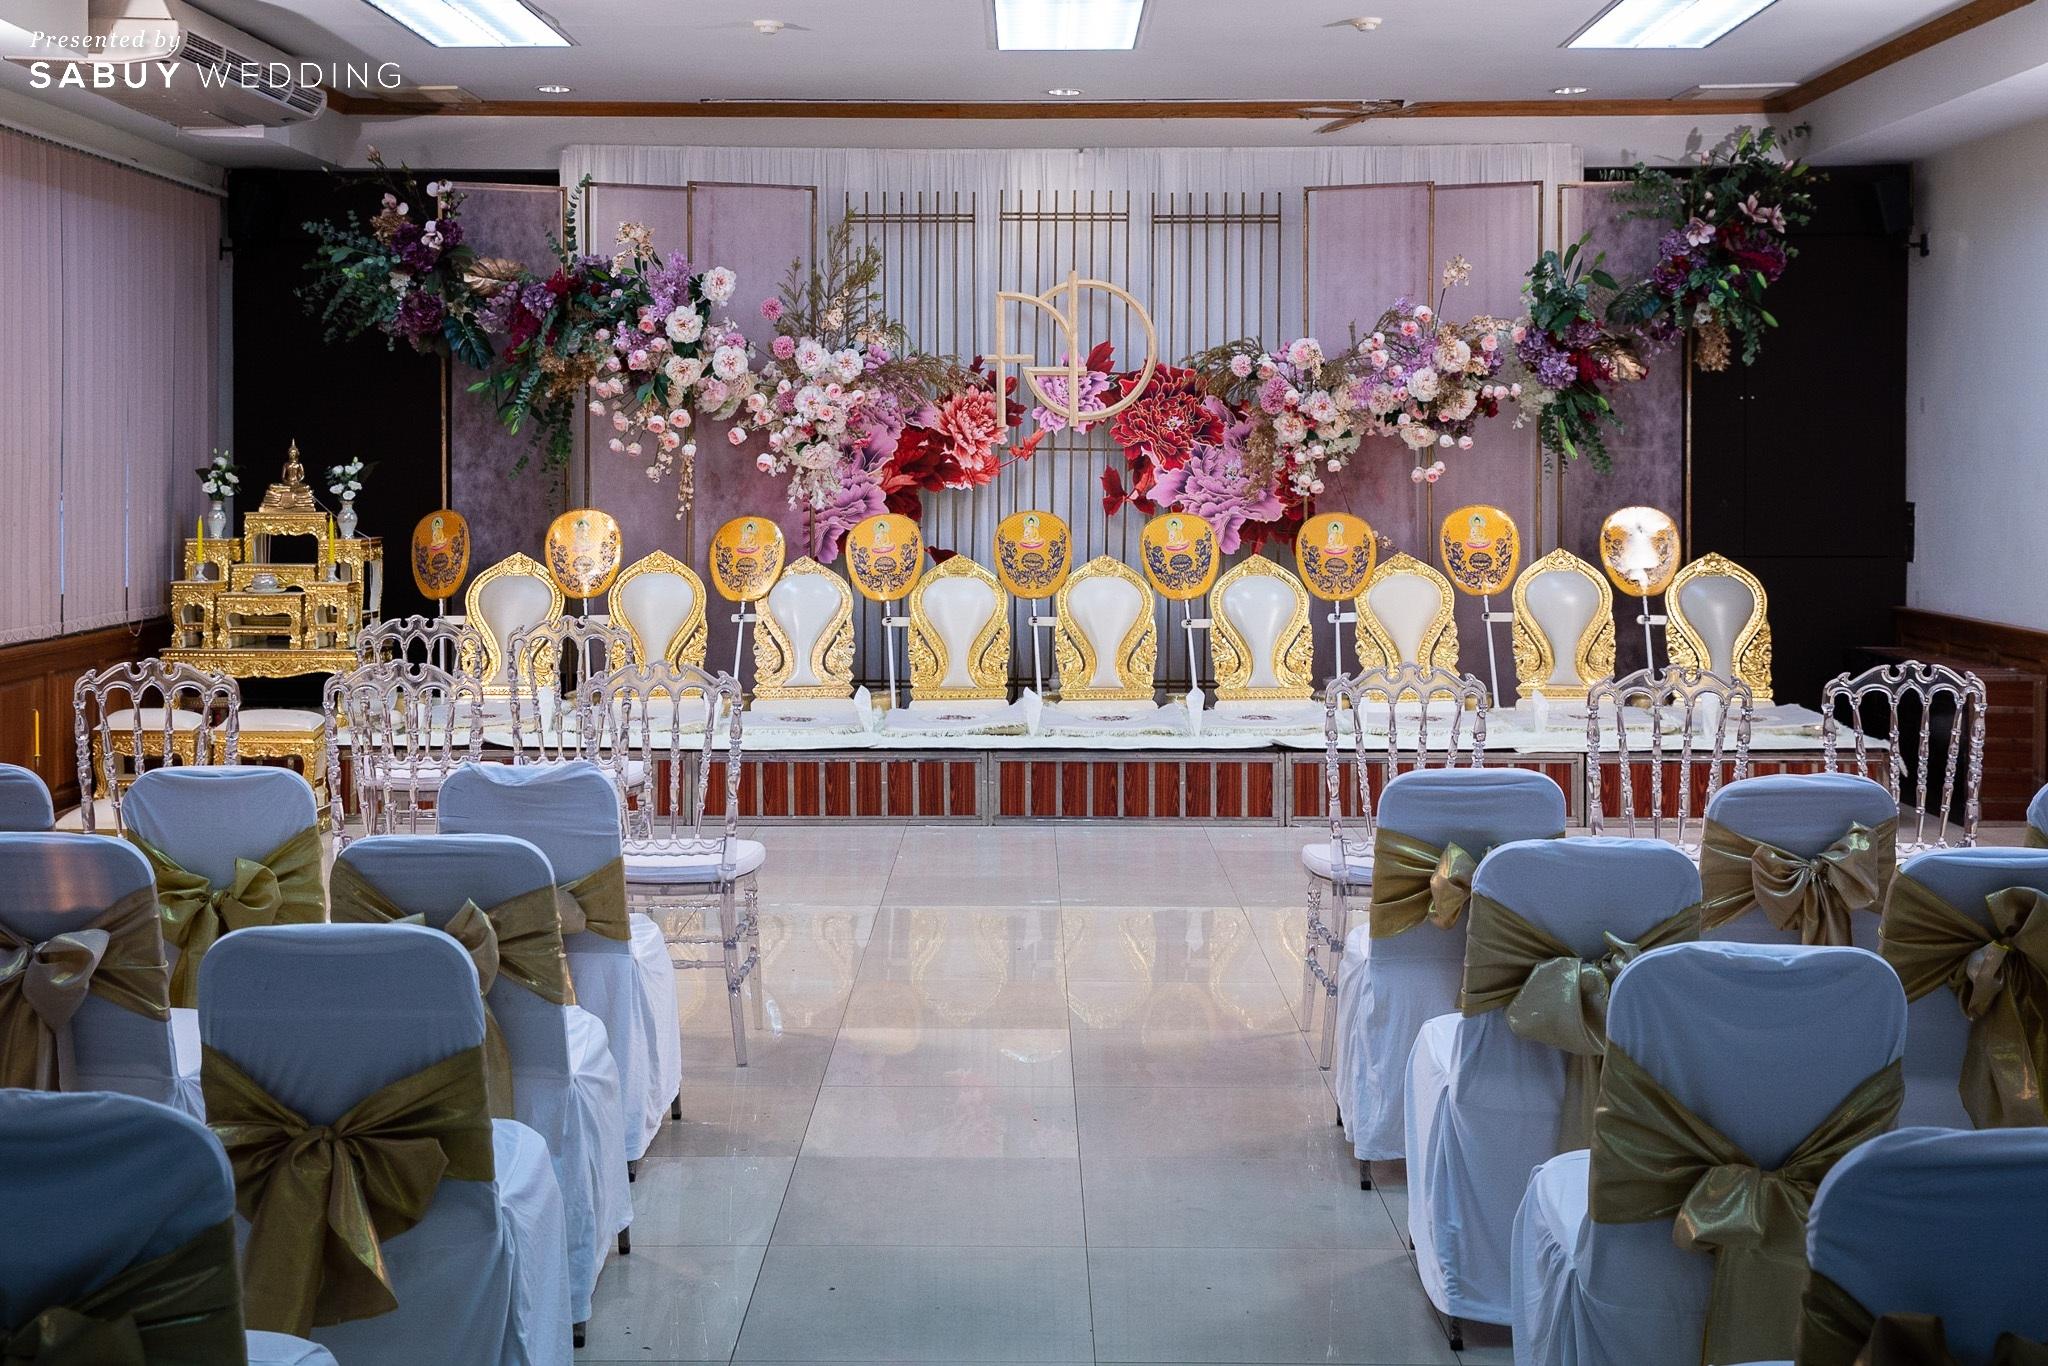 ตกแต่งงานแต่งงาน,ออแกไนเซอร์ รีวิวงานแต่ง 2 สถานที่ สวยดูดีสไตล์ Vintage Chinese Modern @ หอประชุมศาลเจ้าแม่ทับทิม